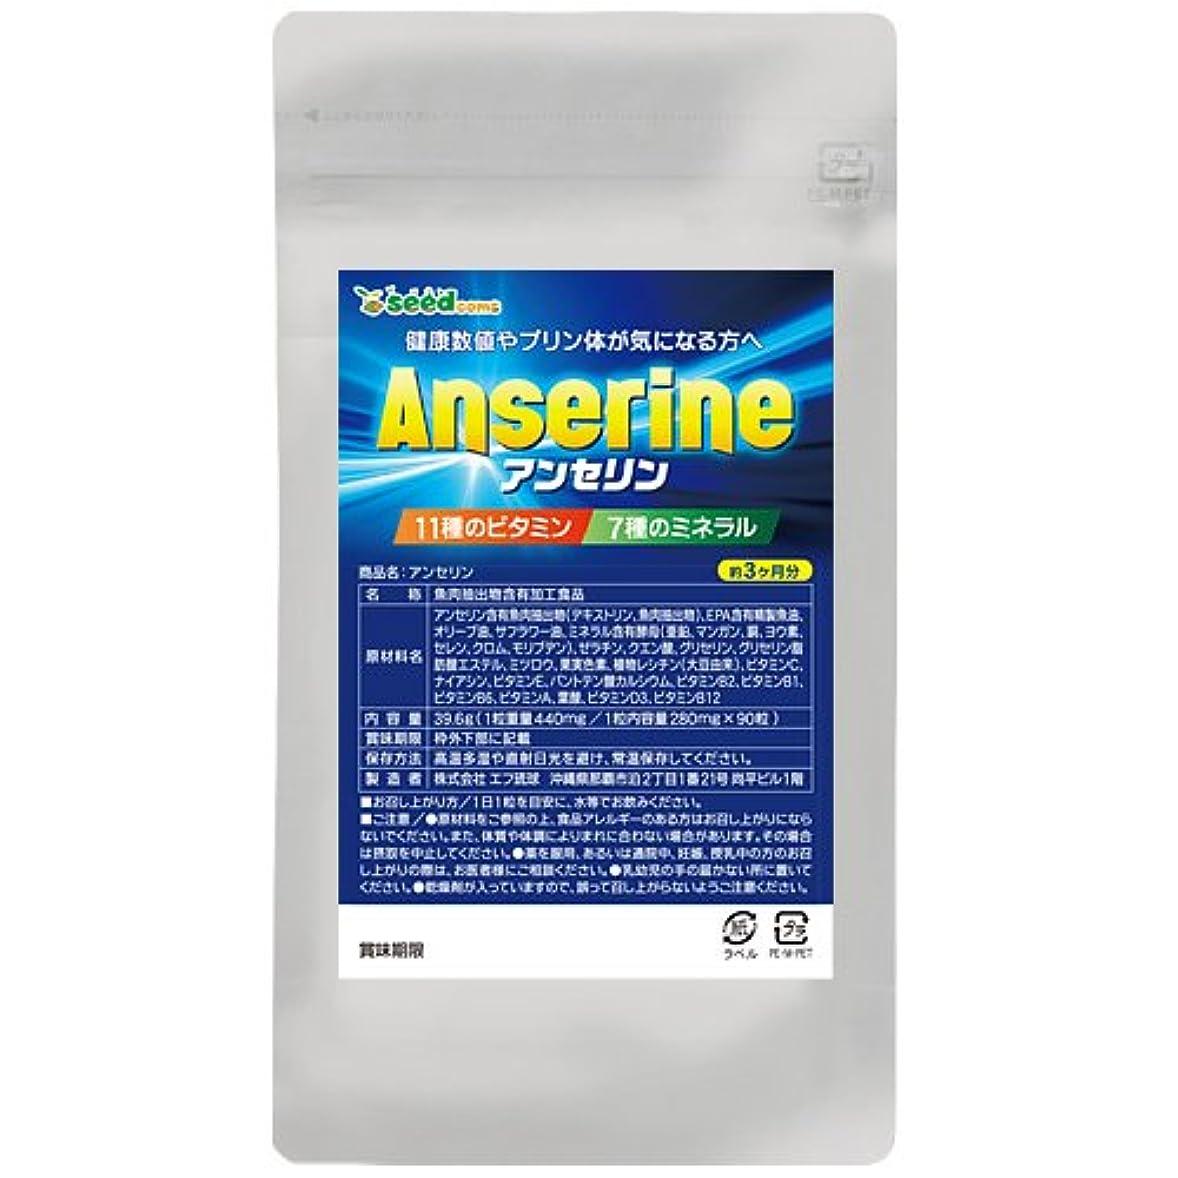 つかの間それに応じて間接的アンセリン (約3ヶ月分/90粒) 11種類のビタミン&7種類のミネラル